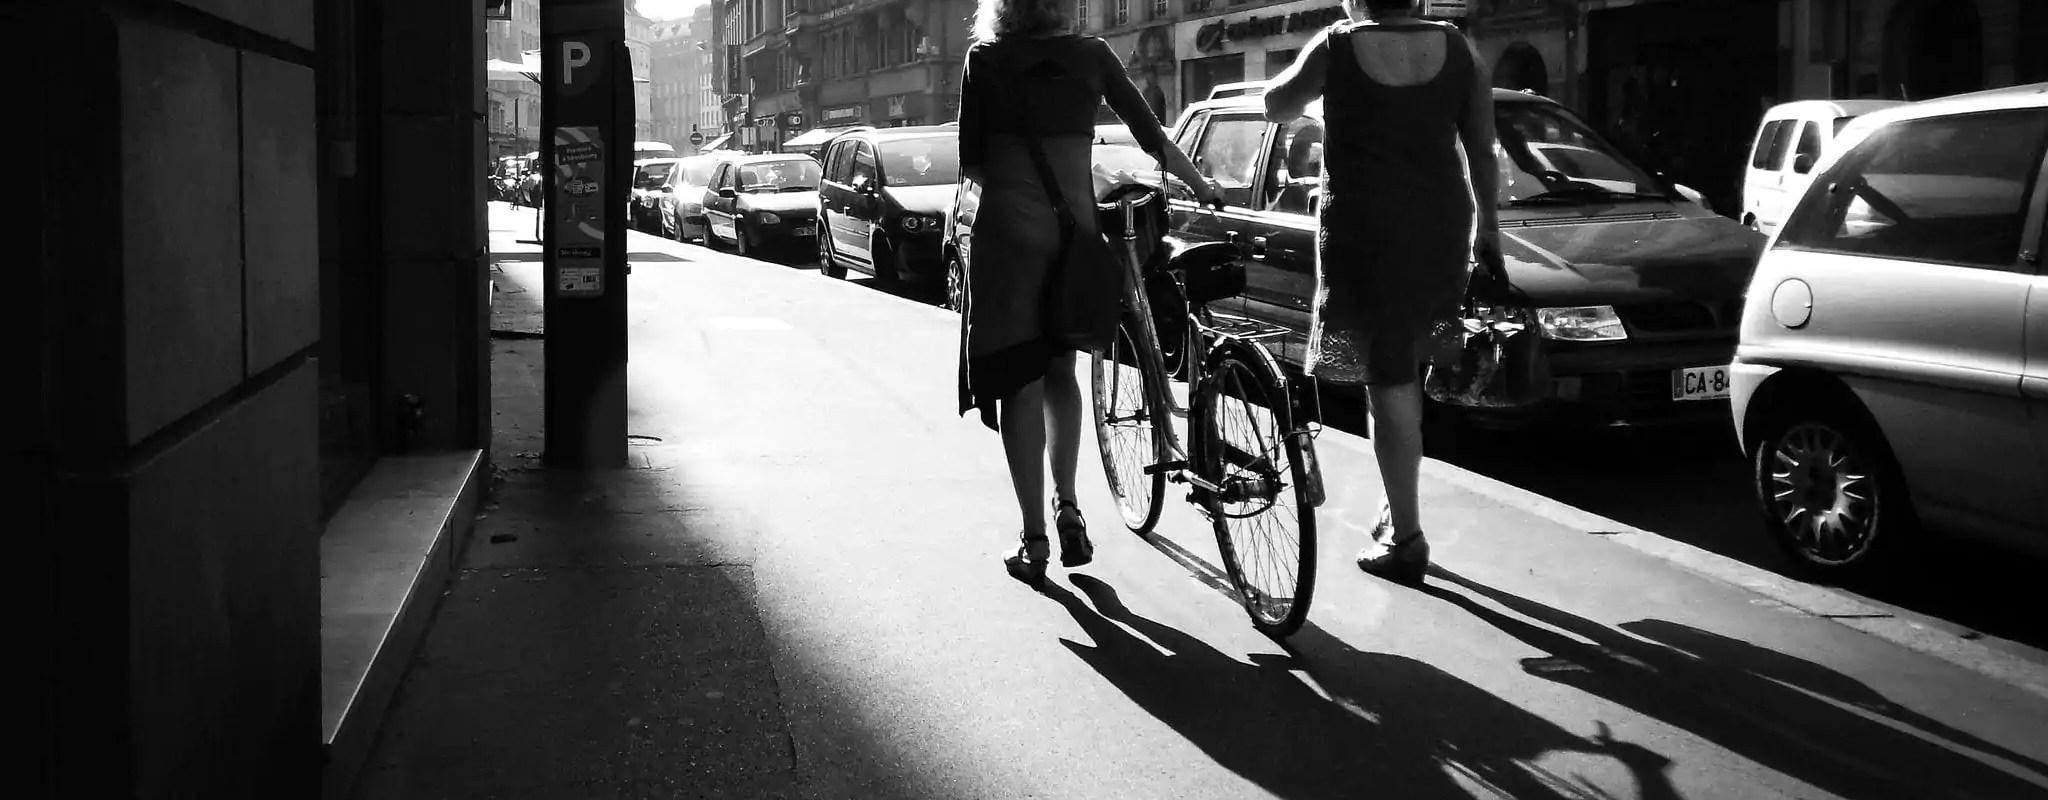 Mobilités: l'usage de la voiture toujours en recul à Strasbourg